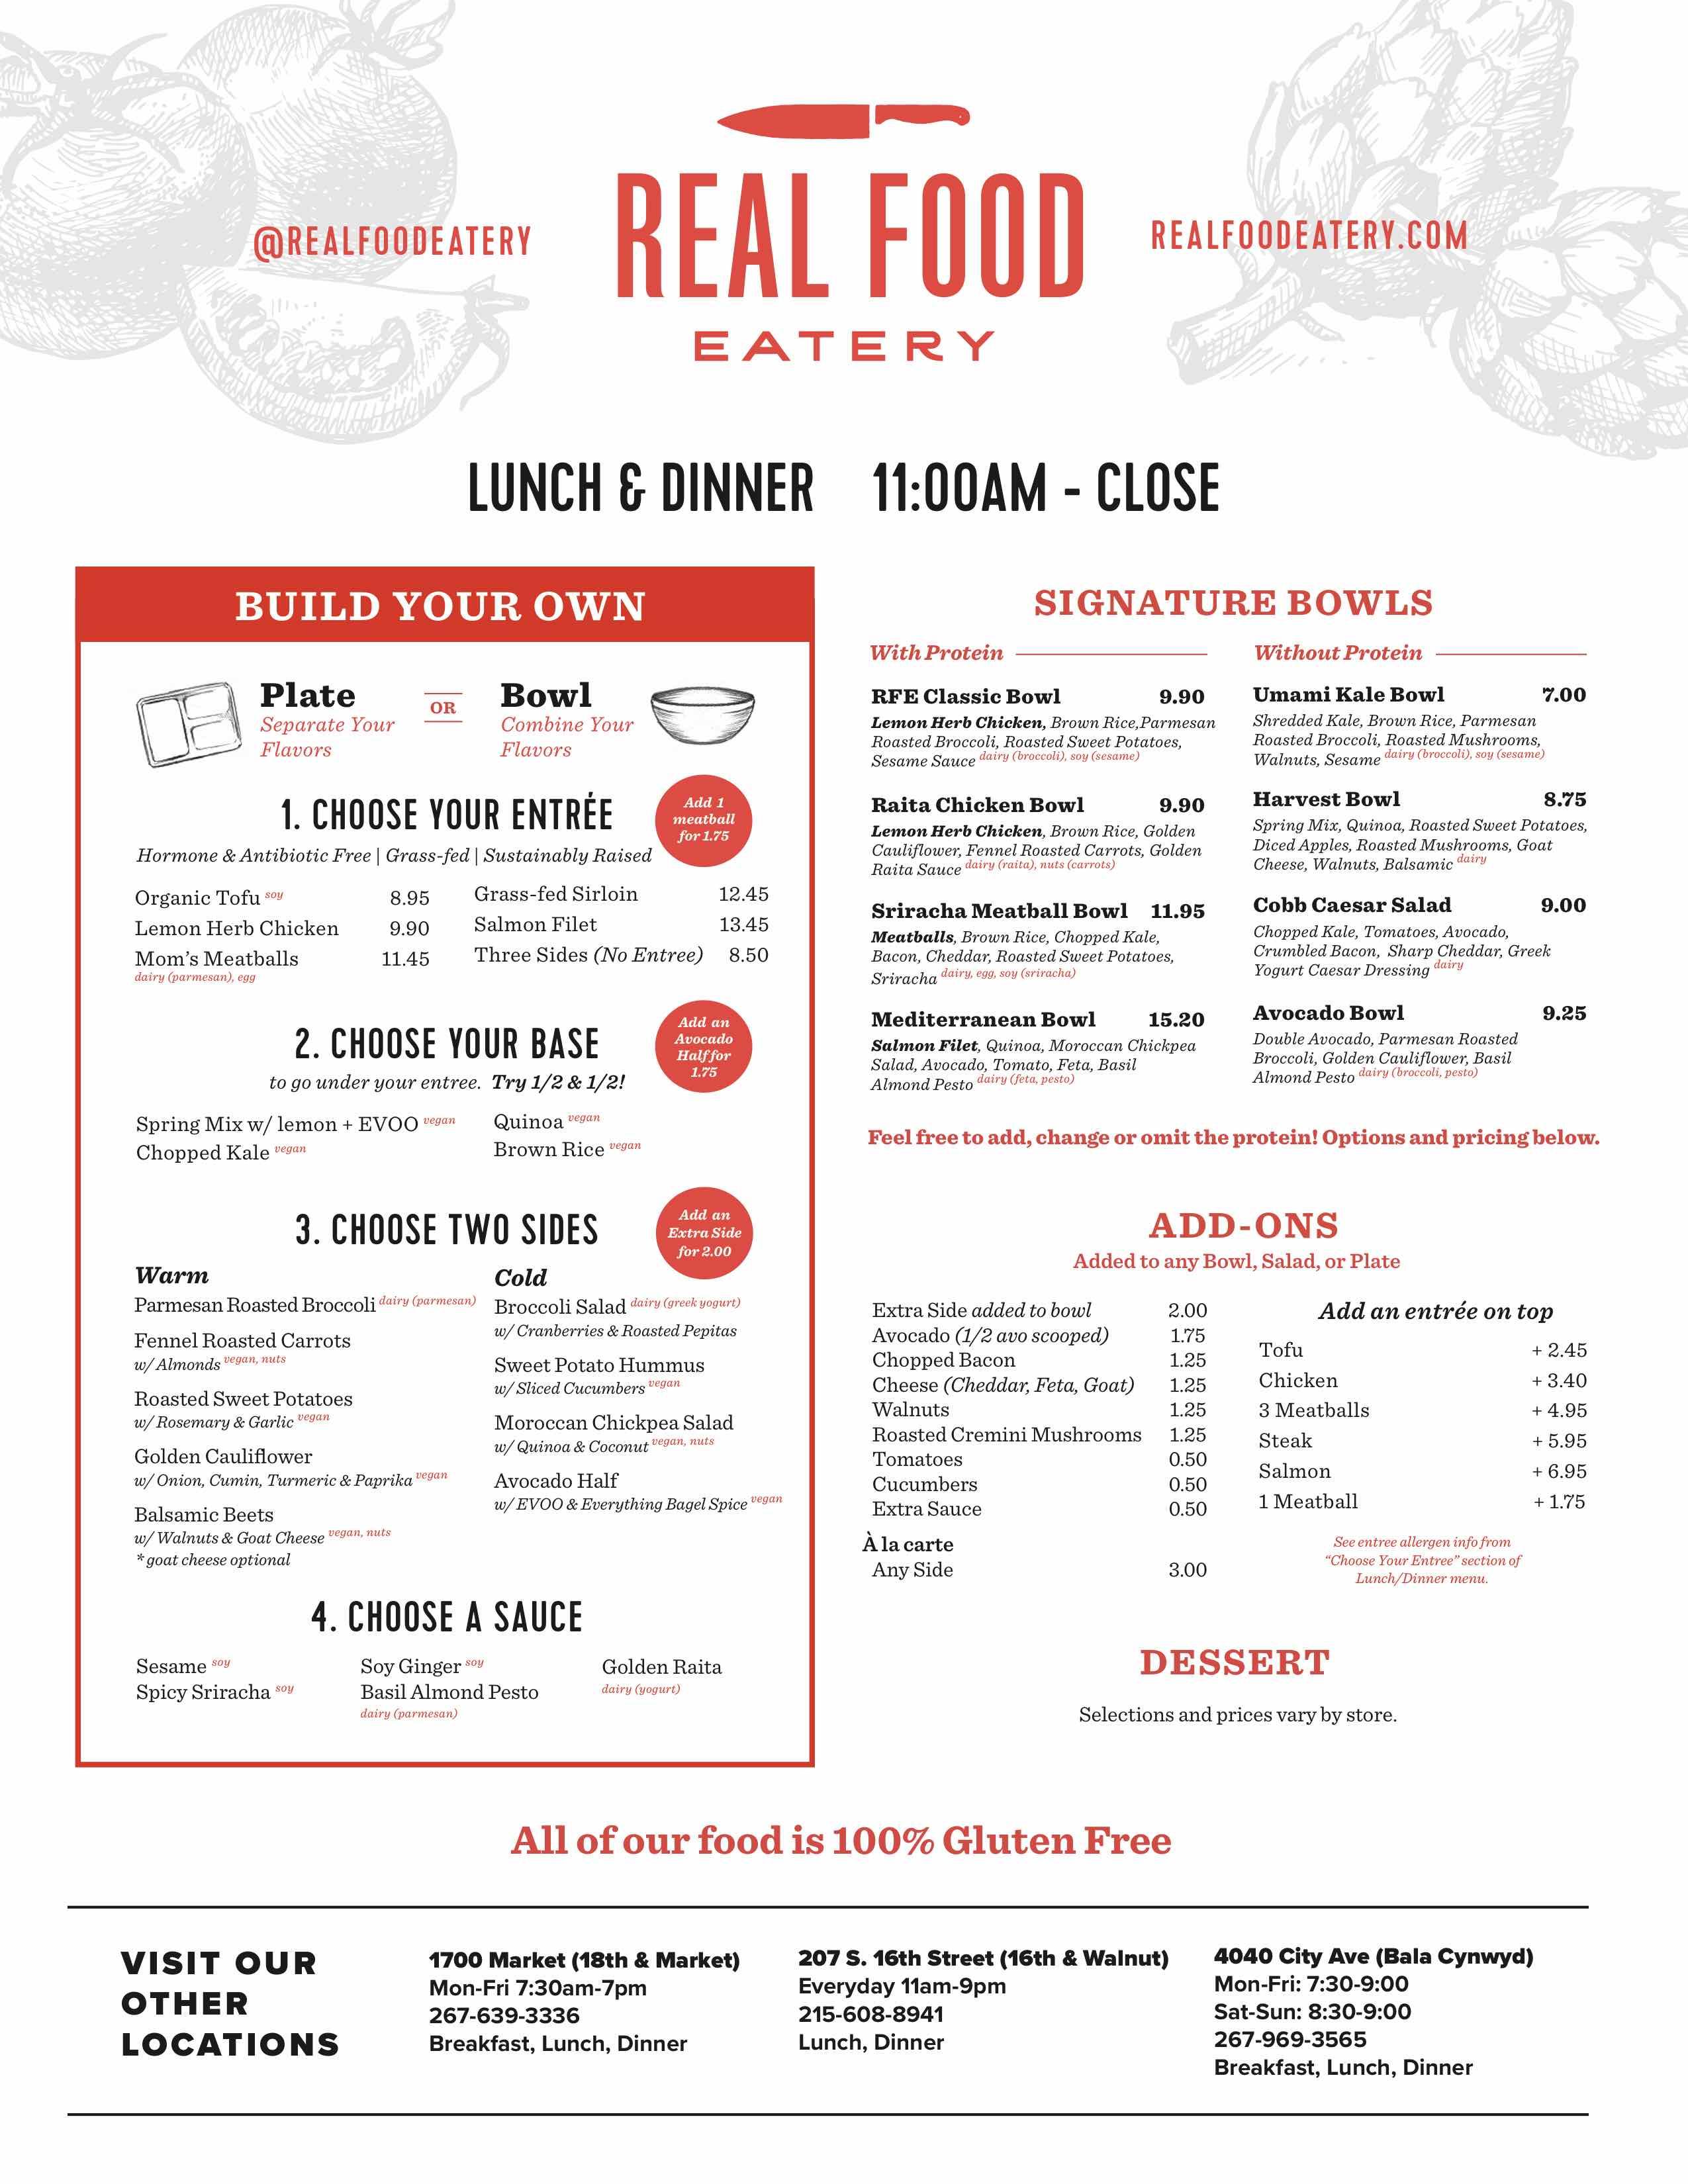 real food eatery philadelphia menu